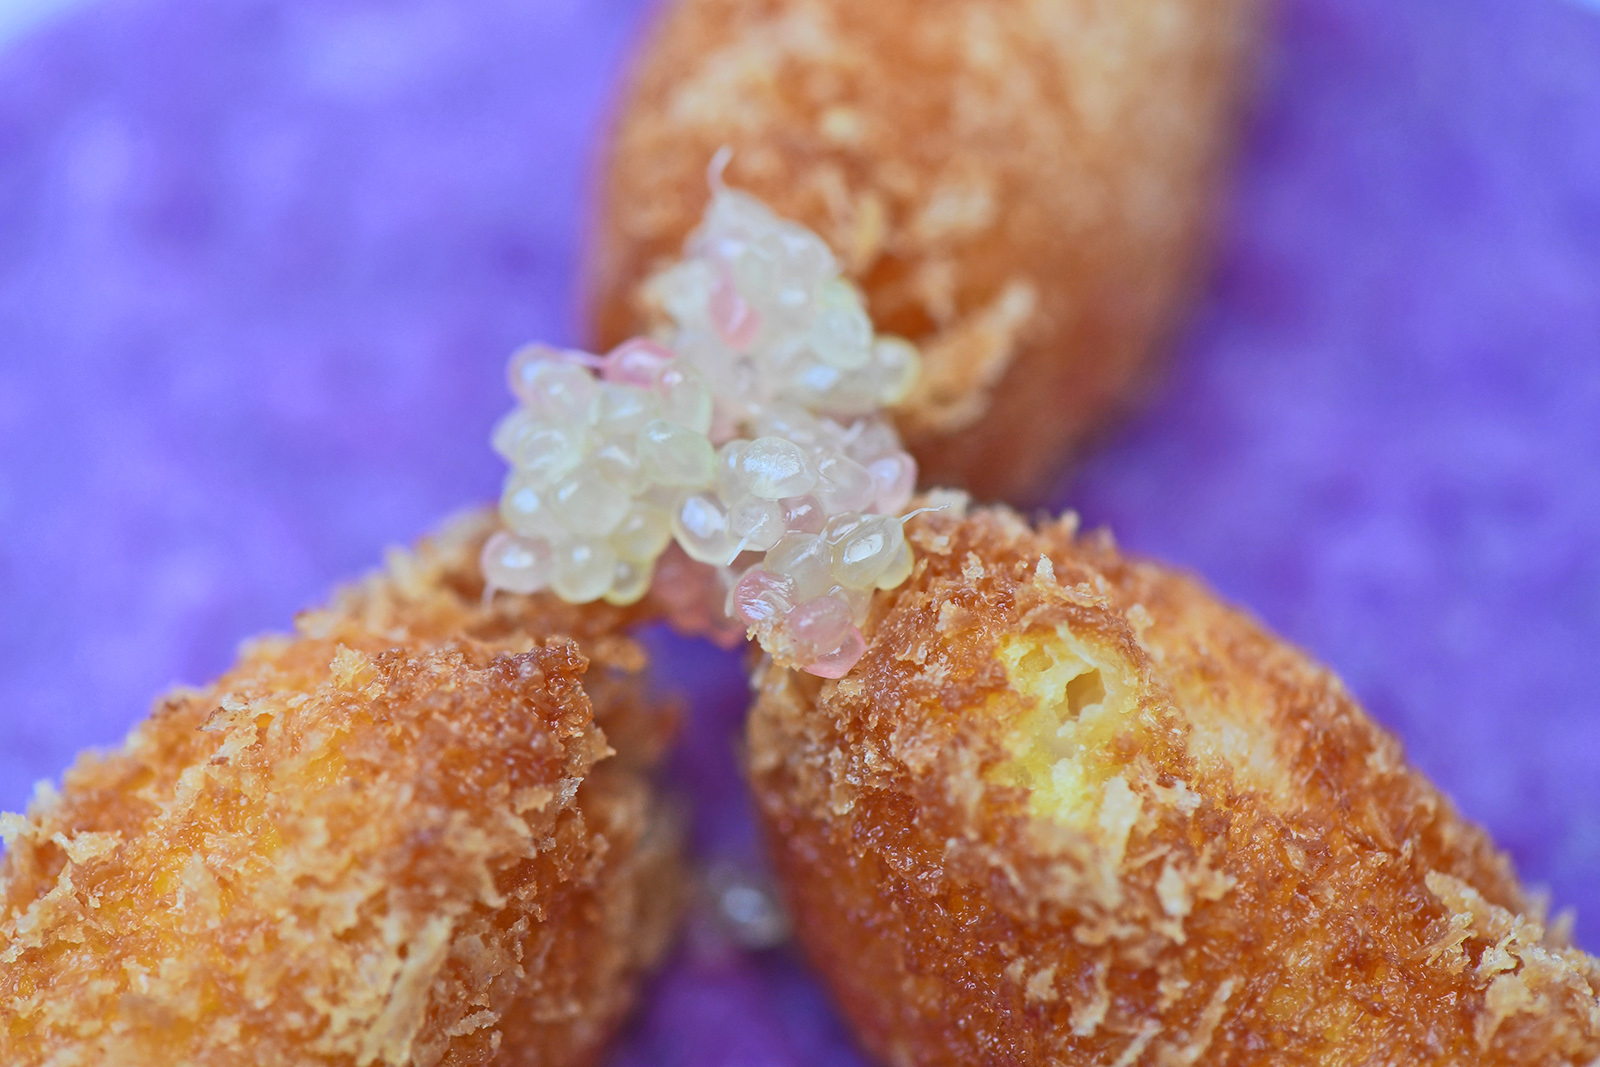 Perles-de-Citron-Caviar-sur-risotto-violet-et-crevettes-panees_moncitroncaviar_fruitsathome_04